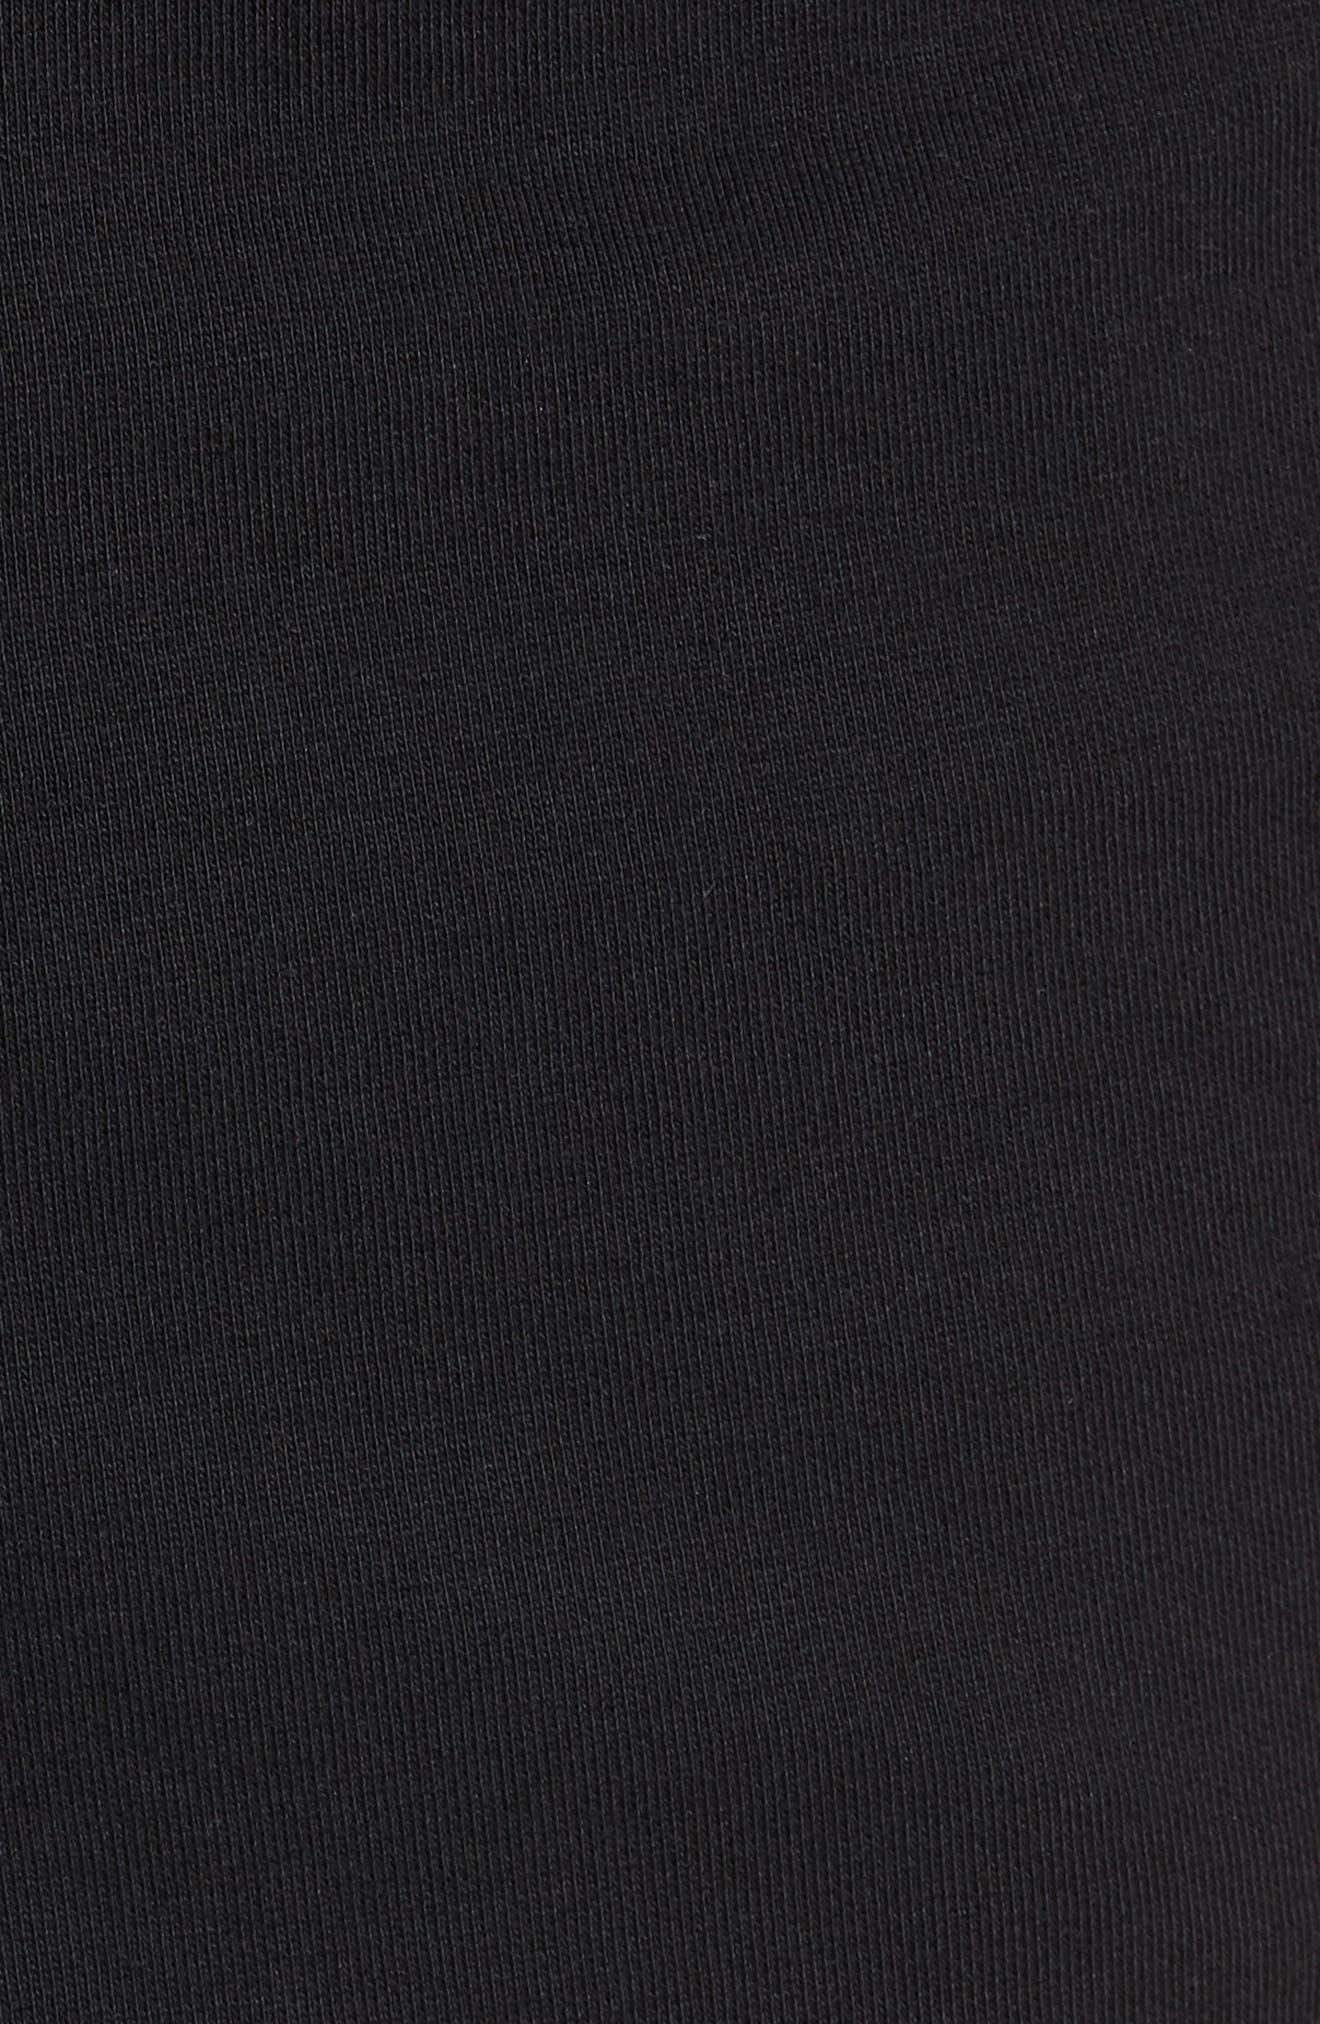 Taped Slim Fit Track Shorts,                             Alternate thumbnail 5, color,                             Black/ Black